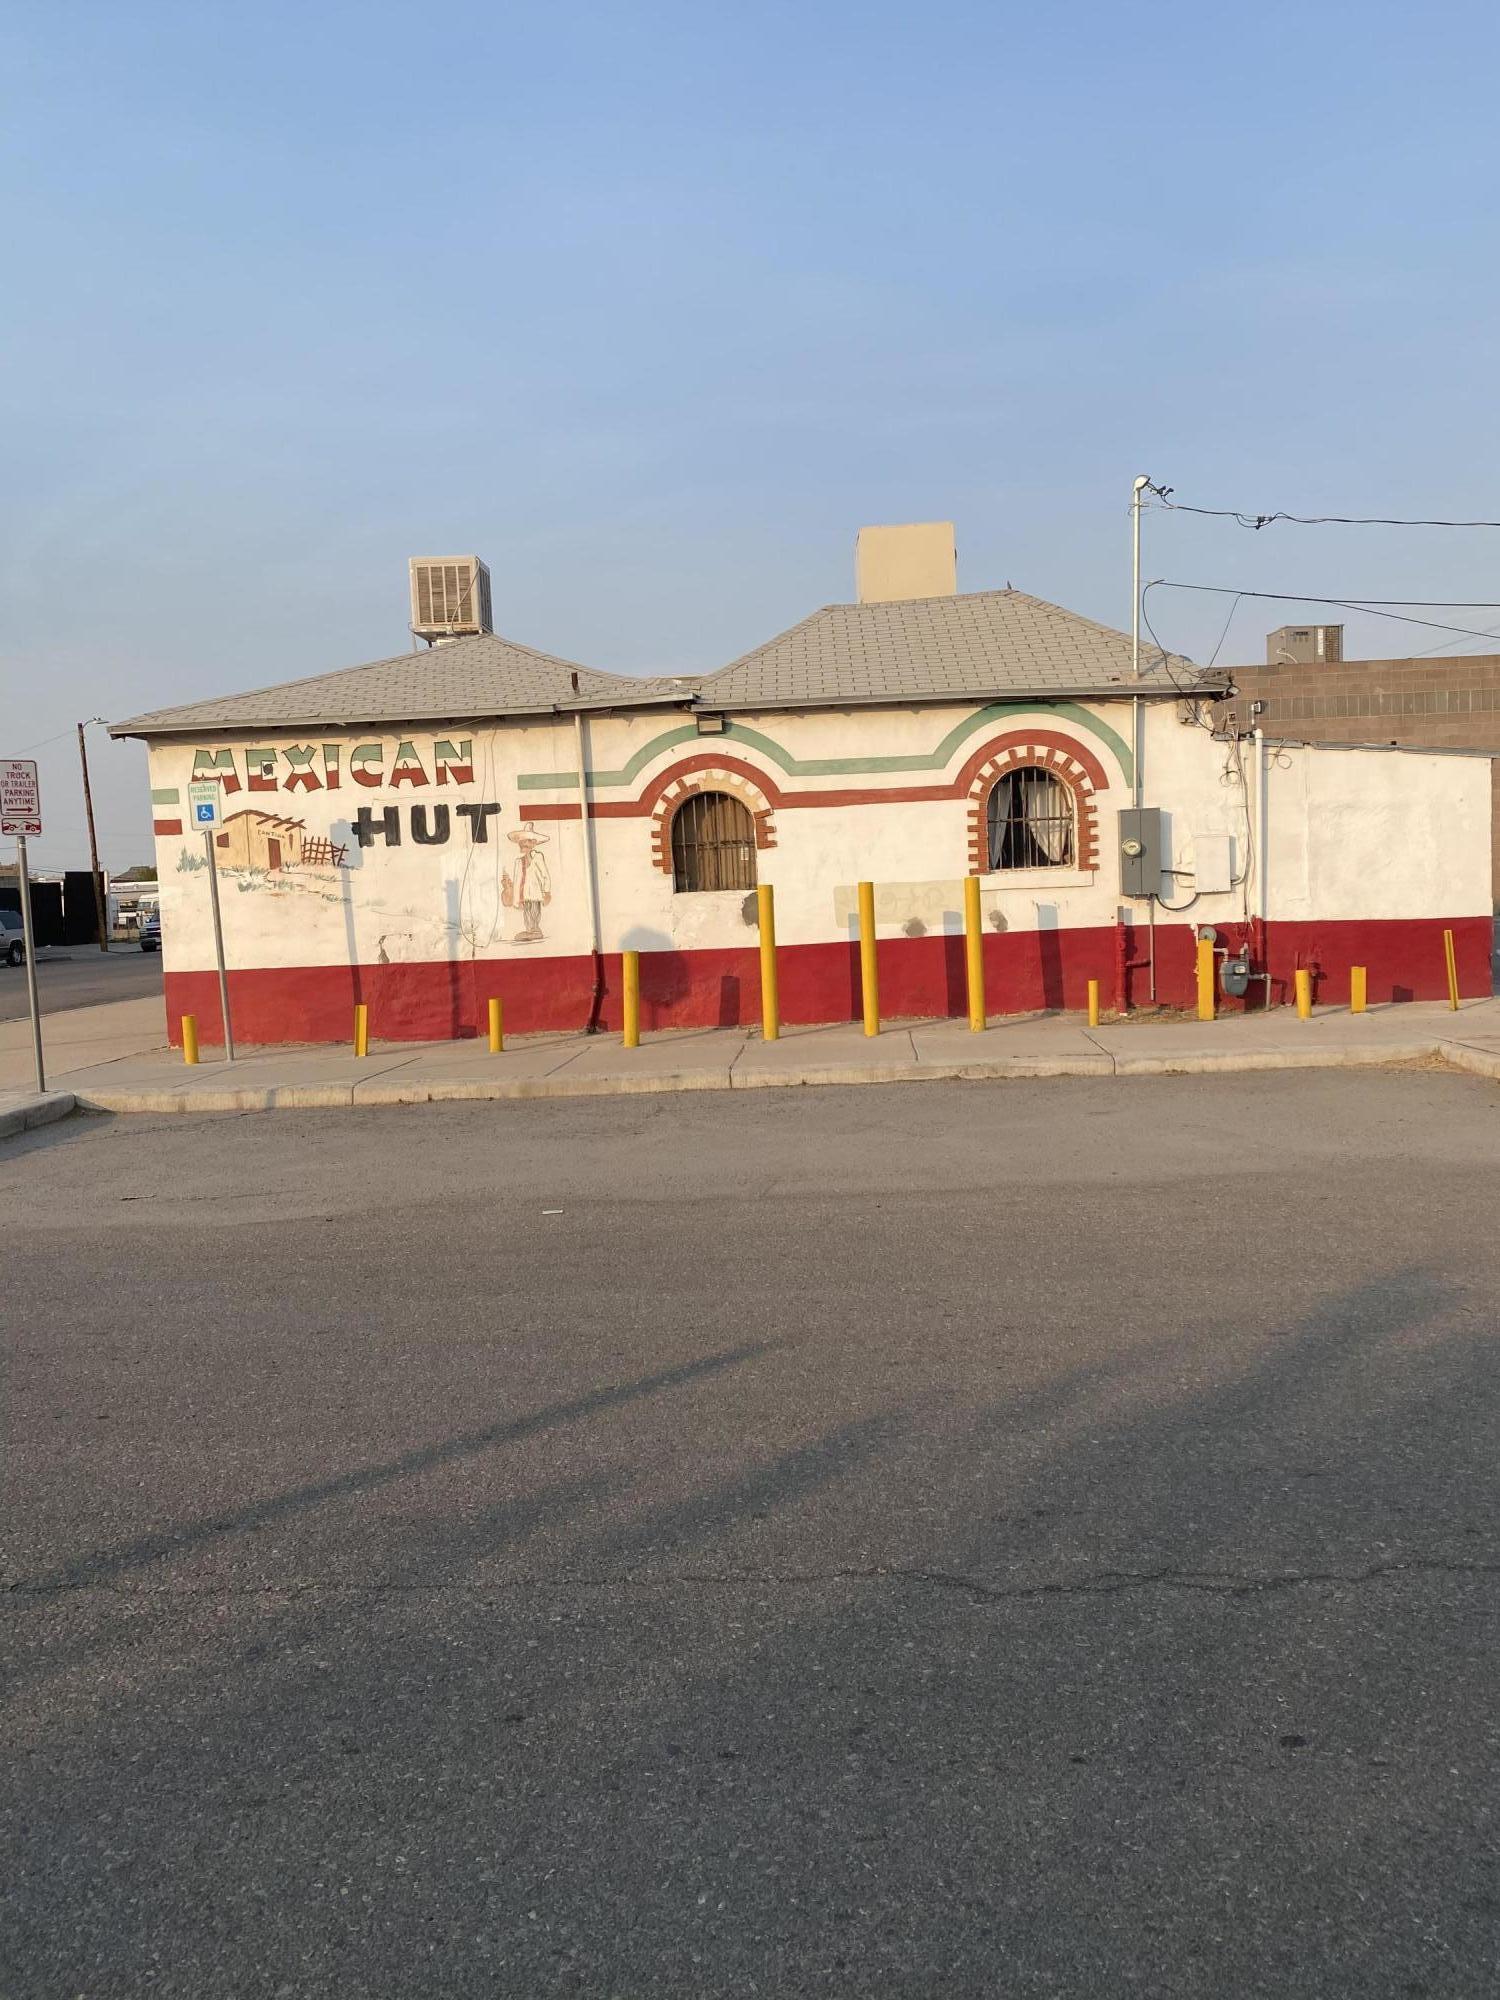 2100 BASSETT Avenue, El Paso, Texas 79901, ,Commercial,For sale,BASSETT,833278